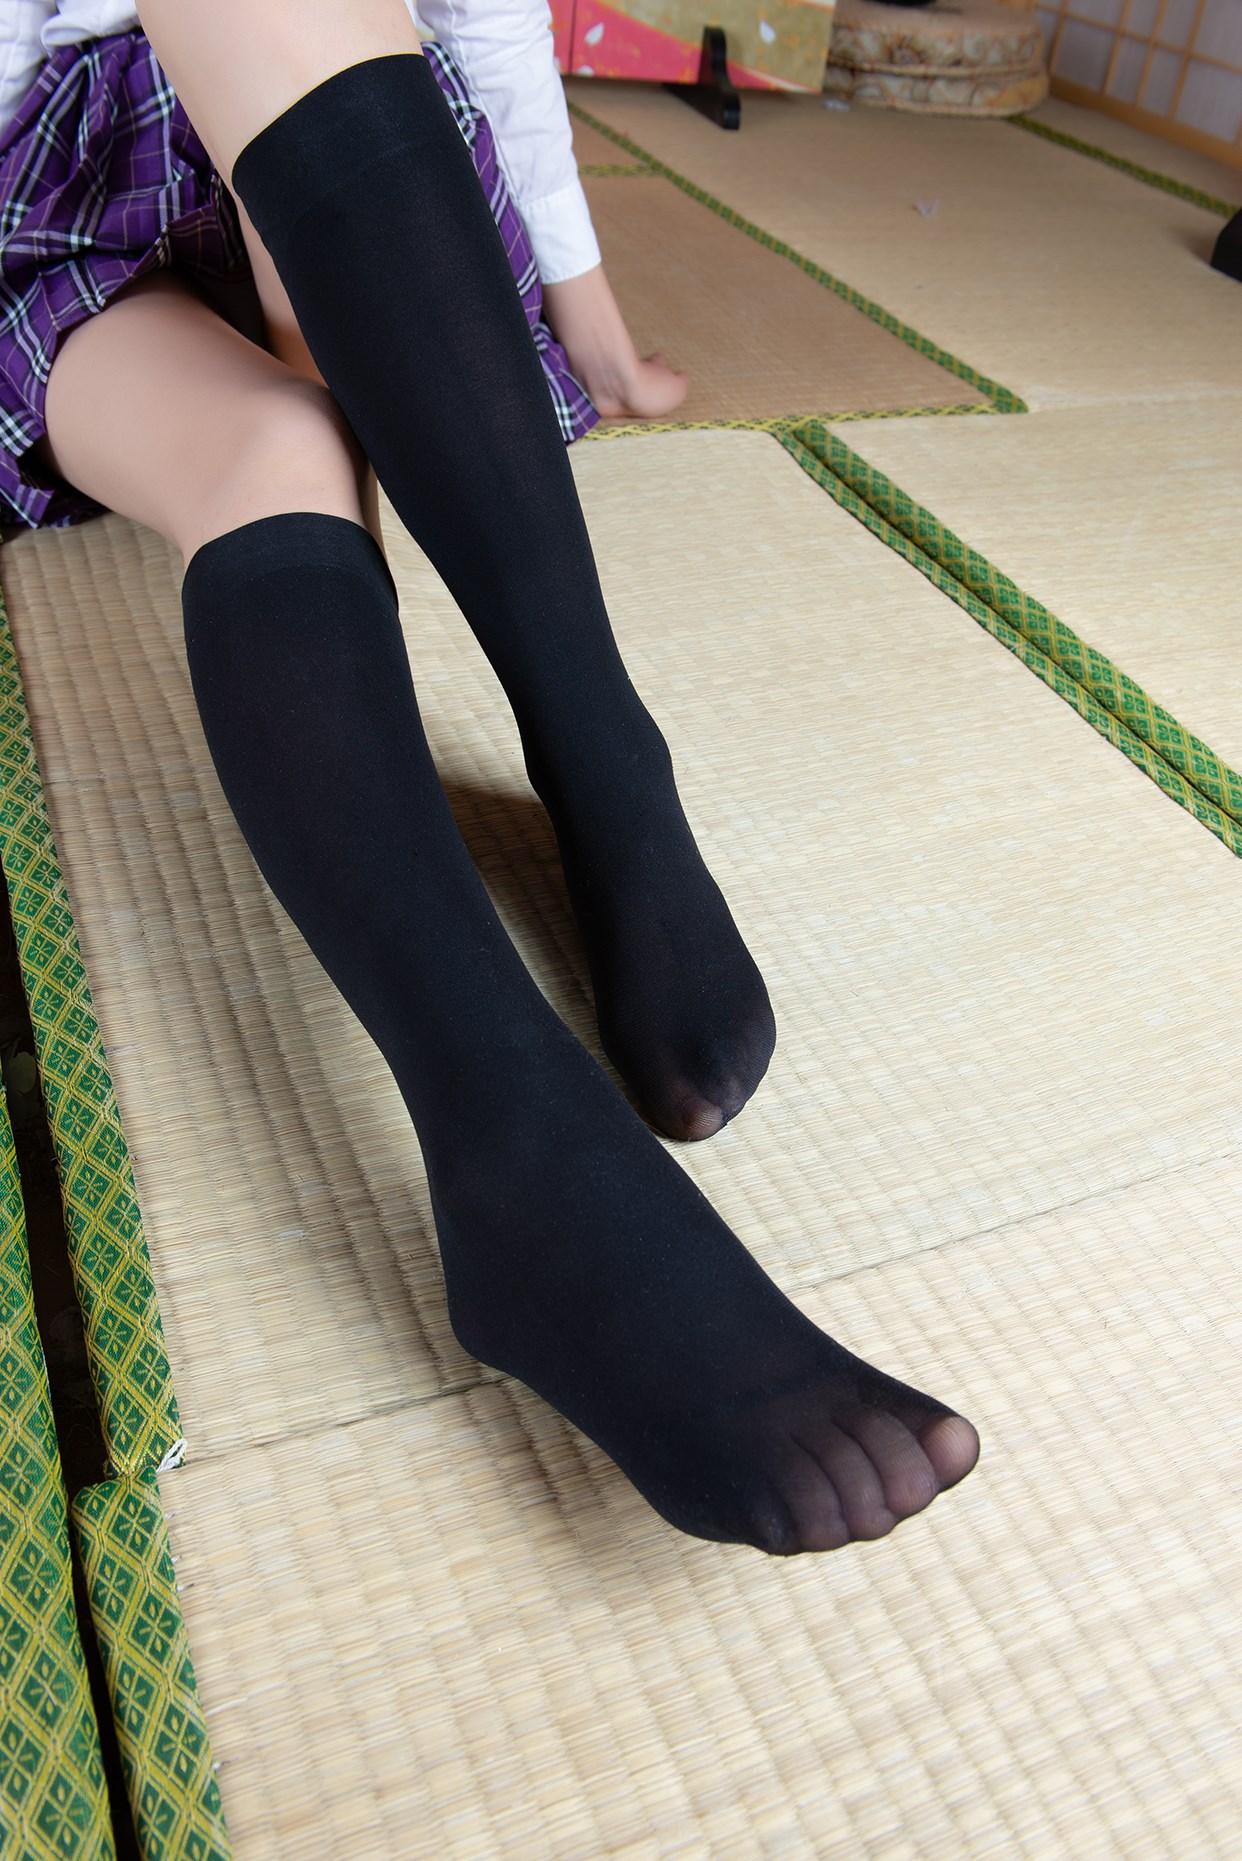 【兔玩映画】玉藻前的半筒袜 兔玩映画 第11张